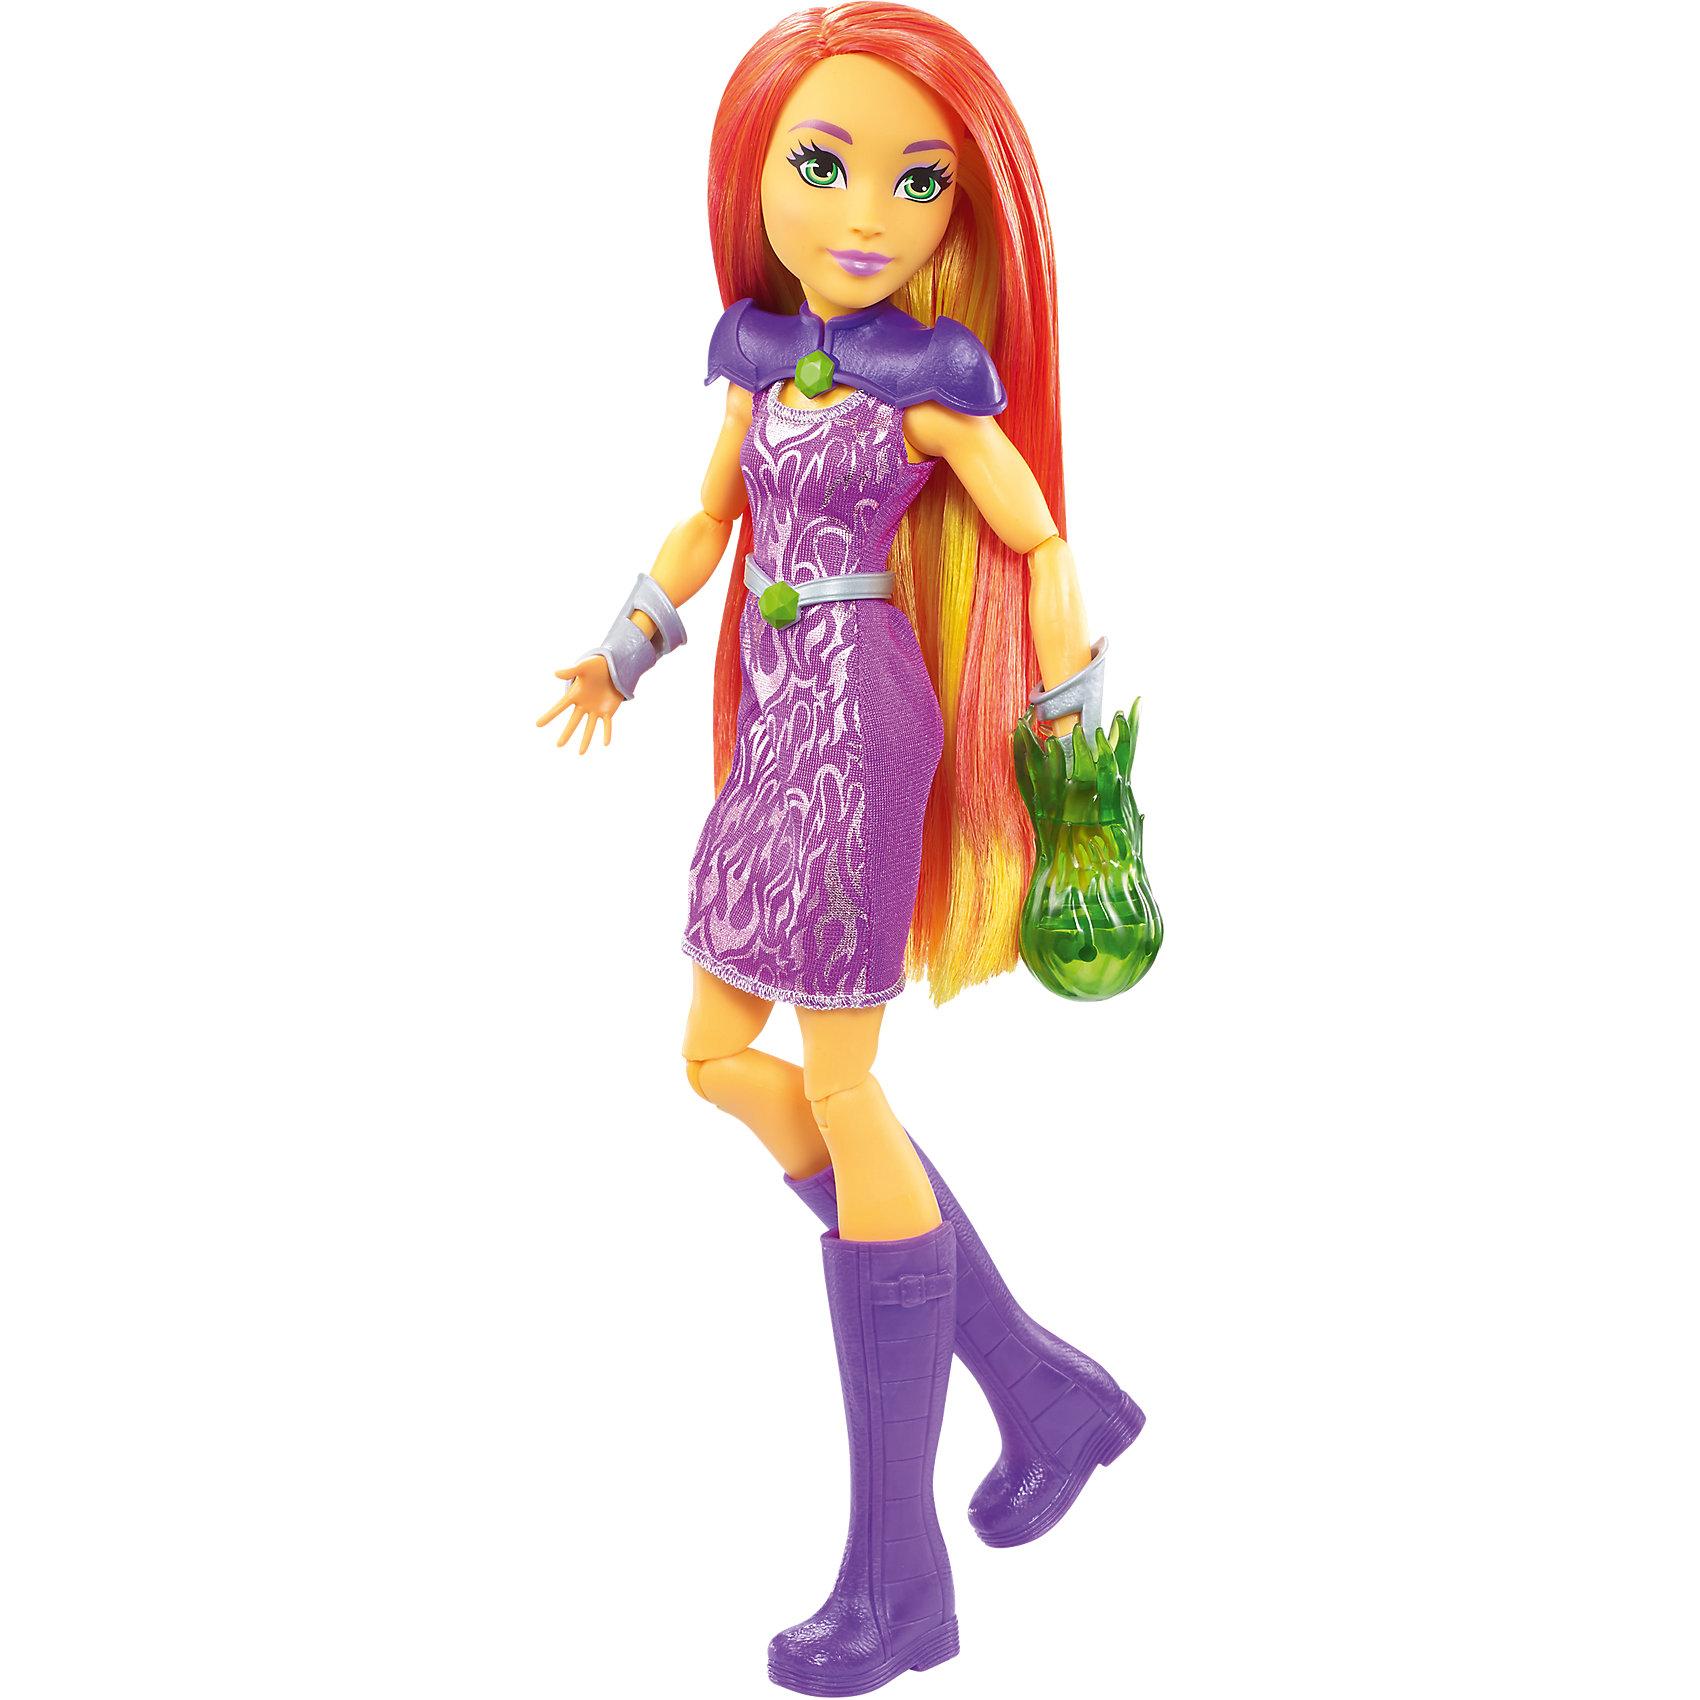 Кукла Старфайер DC Super Hero GirlsКуклы модели<br>Характеристики товара:<br><br>• упаковка: коробка-блистер<br>• материал: пластик<br>• серия: DC Super Hero Girls<br>• руки, ноги гнутся<br>• высота куклы: 30 см<br>• возраст: от трех лет<br>• размер упаковки: 20х10х32 см<br>• вес: 0,3 кг<br>• страна производства: Китай<br>• страна бренда: США<br><br>Барби может разной! Такой современный образ изящной куклы порадует маленьких любительниц вселенной супергероев. Она позволит придумать множество игр со своими любимыми персонажами. Кукла отлично детализирована. Высота - 30 сантиметров, поэтому и выглядит героиня внушительно.<br><br>Игры с такими куклами - это не только весело, они помогают детям развить воображение, творческое и пространственное мышление, мелкую моторику . Игрушки от бренда Mattel отличаются стабильно высоким качеством и уже давно радуют детей по всему миру! <br><br>Куклу Старфайер DC Super Hero Girls от компании Mattel можно купить в нашем интернет-магазине.<br><br>Ширина мм: 329<br>Глубина мм: 203<br>Высота мм: 73<br>Вес г: 300<br>Возраст от месяцев: 72<br>Возраст до месяцев: 120<br>Пол: Женский<br>Возраст: Детский<br>SKU: 5257095